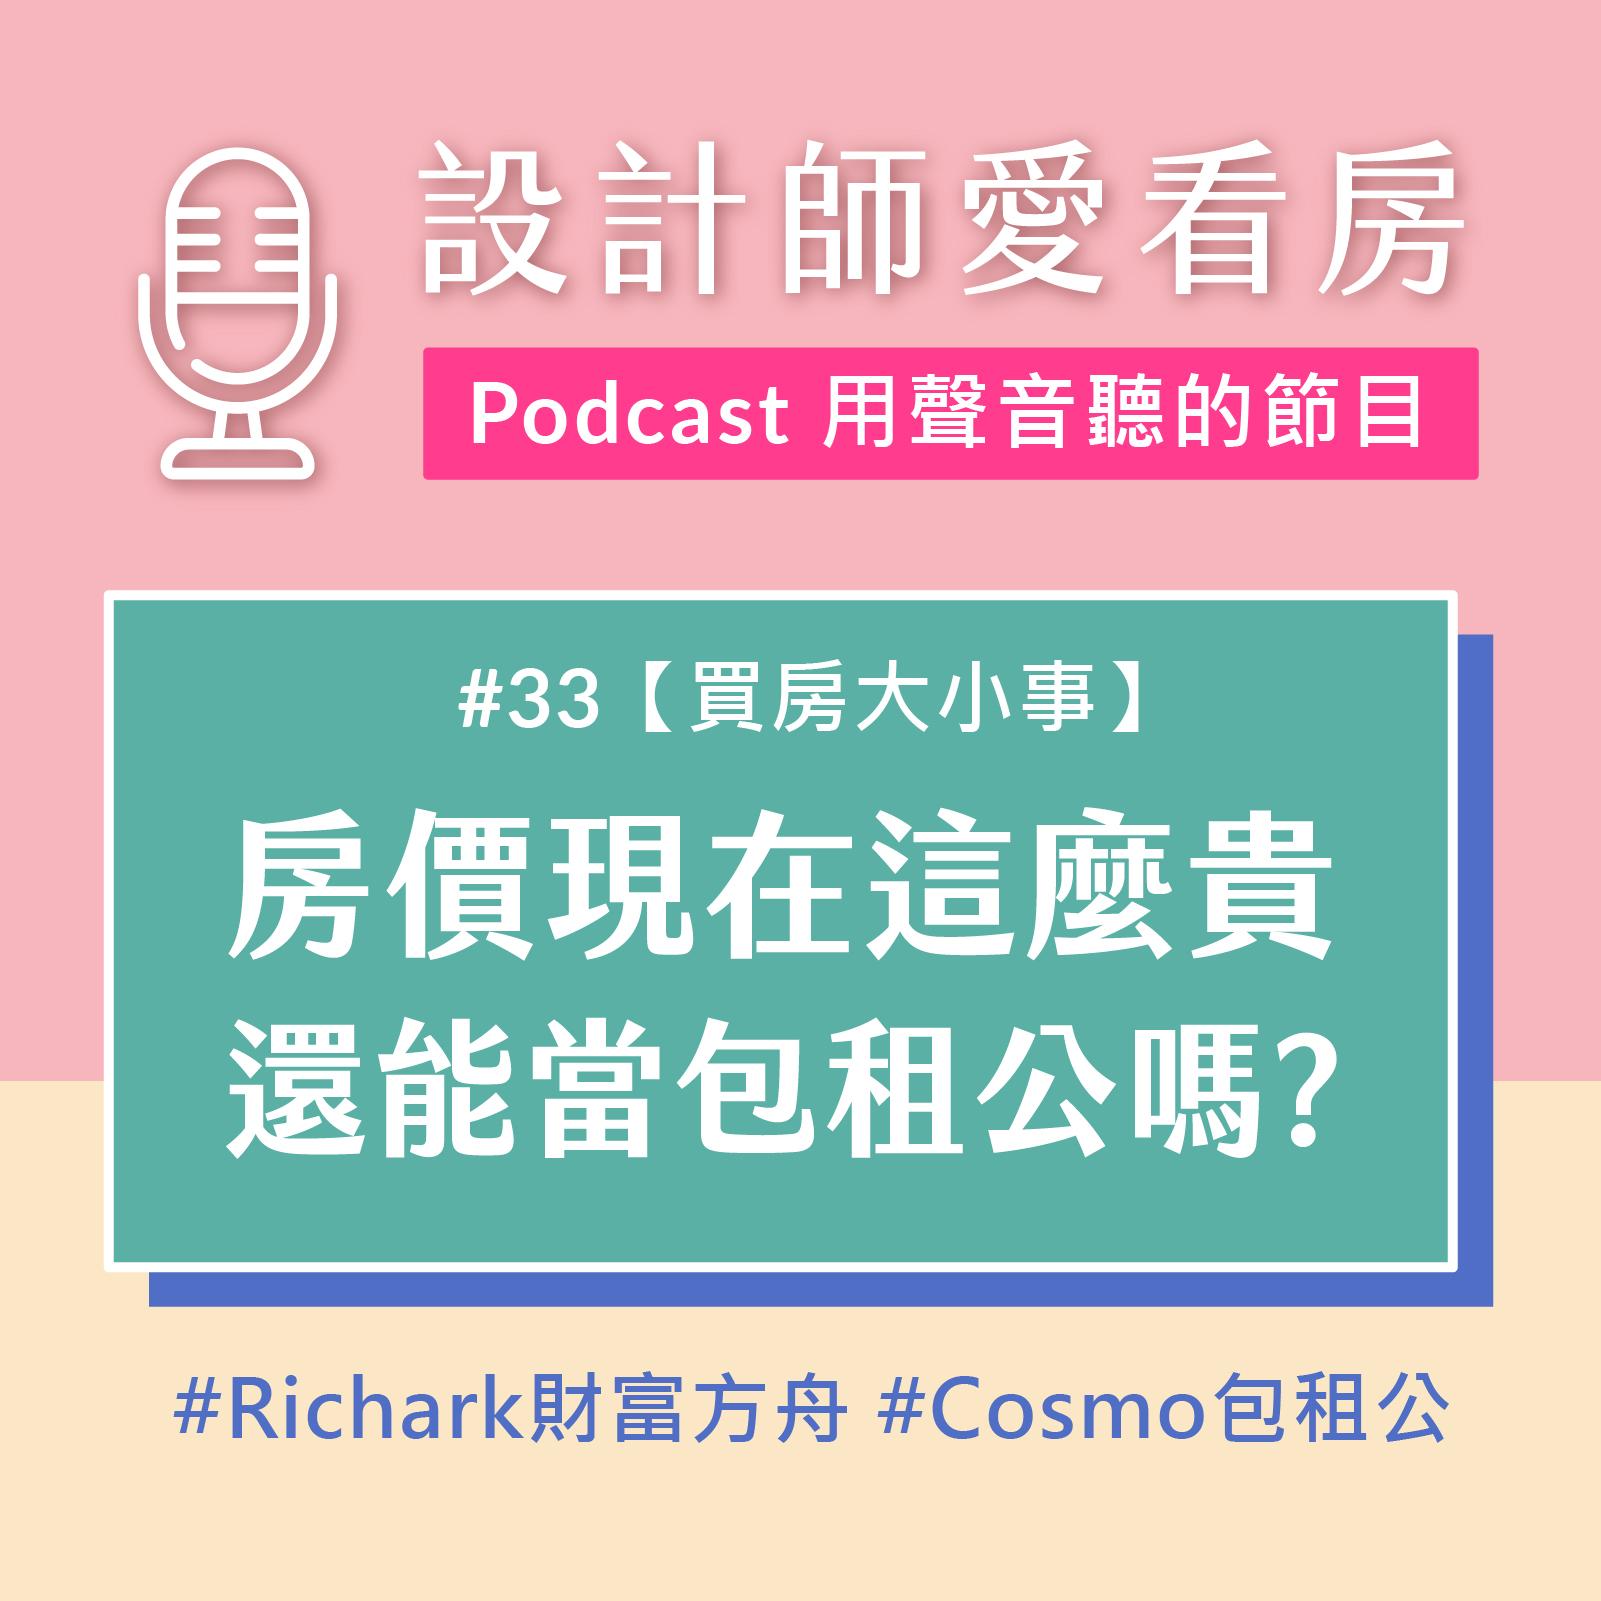 #33 房價現在這麼貴!還有機會當包租公嗎? Ft.RICHARK財富方舟創辦人Cosmo